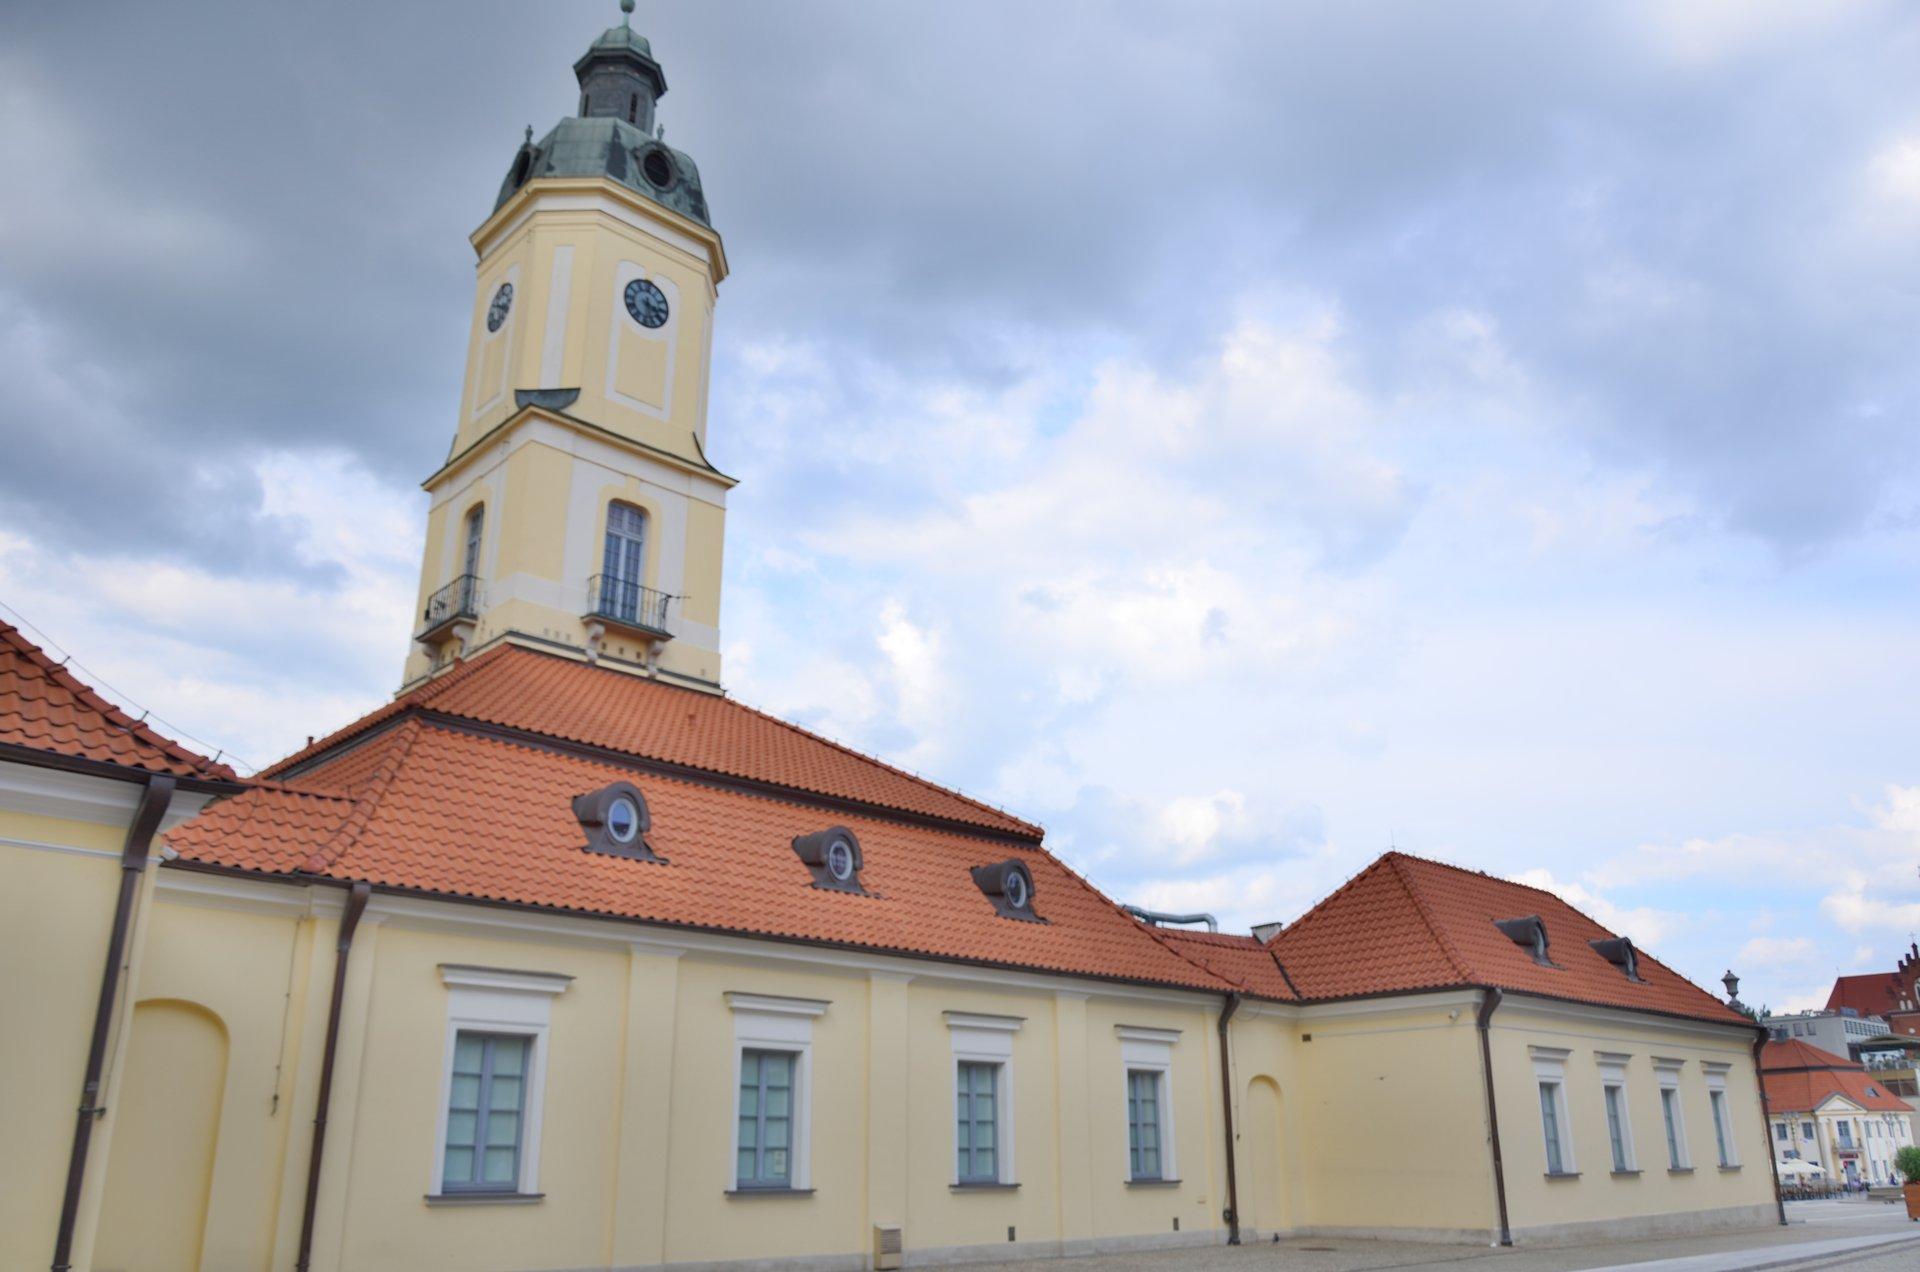 Białystok Rynek Kościuszki centrum ratuszfree photo darmowe zdjęcie